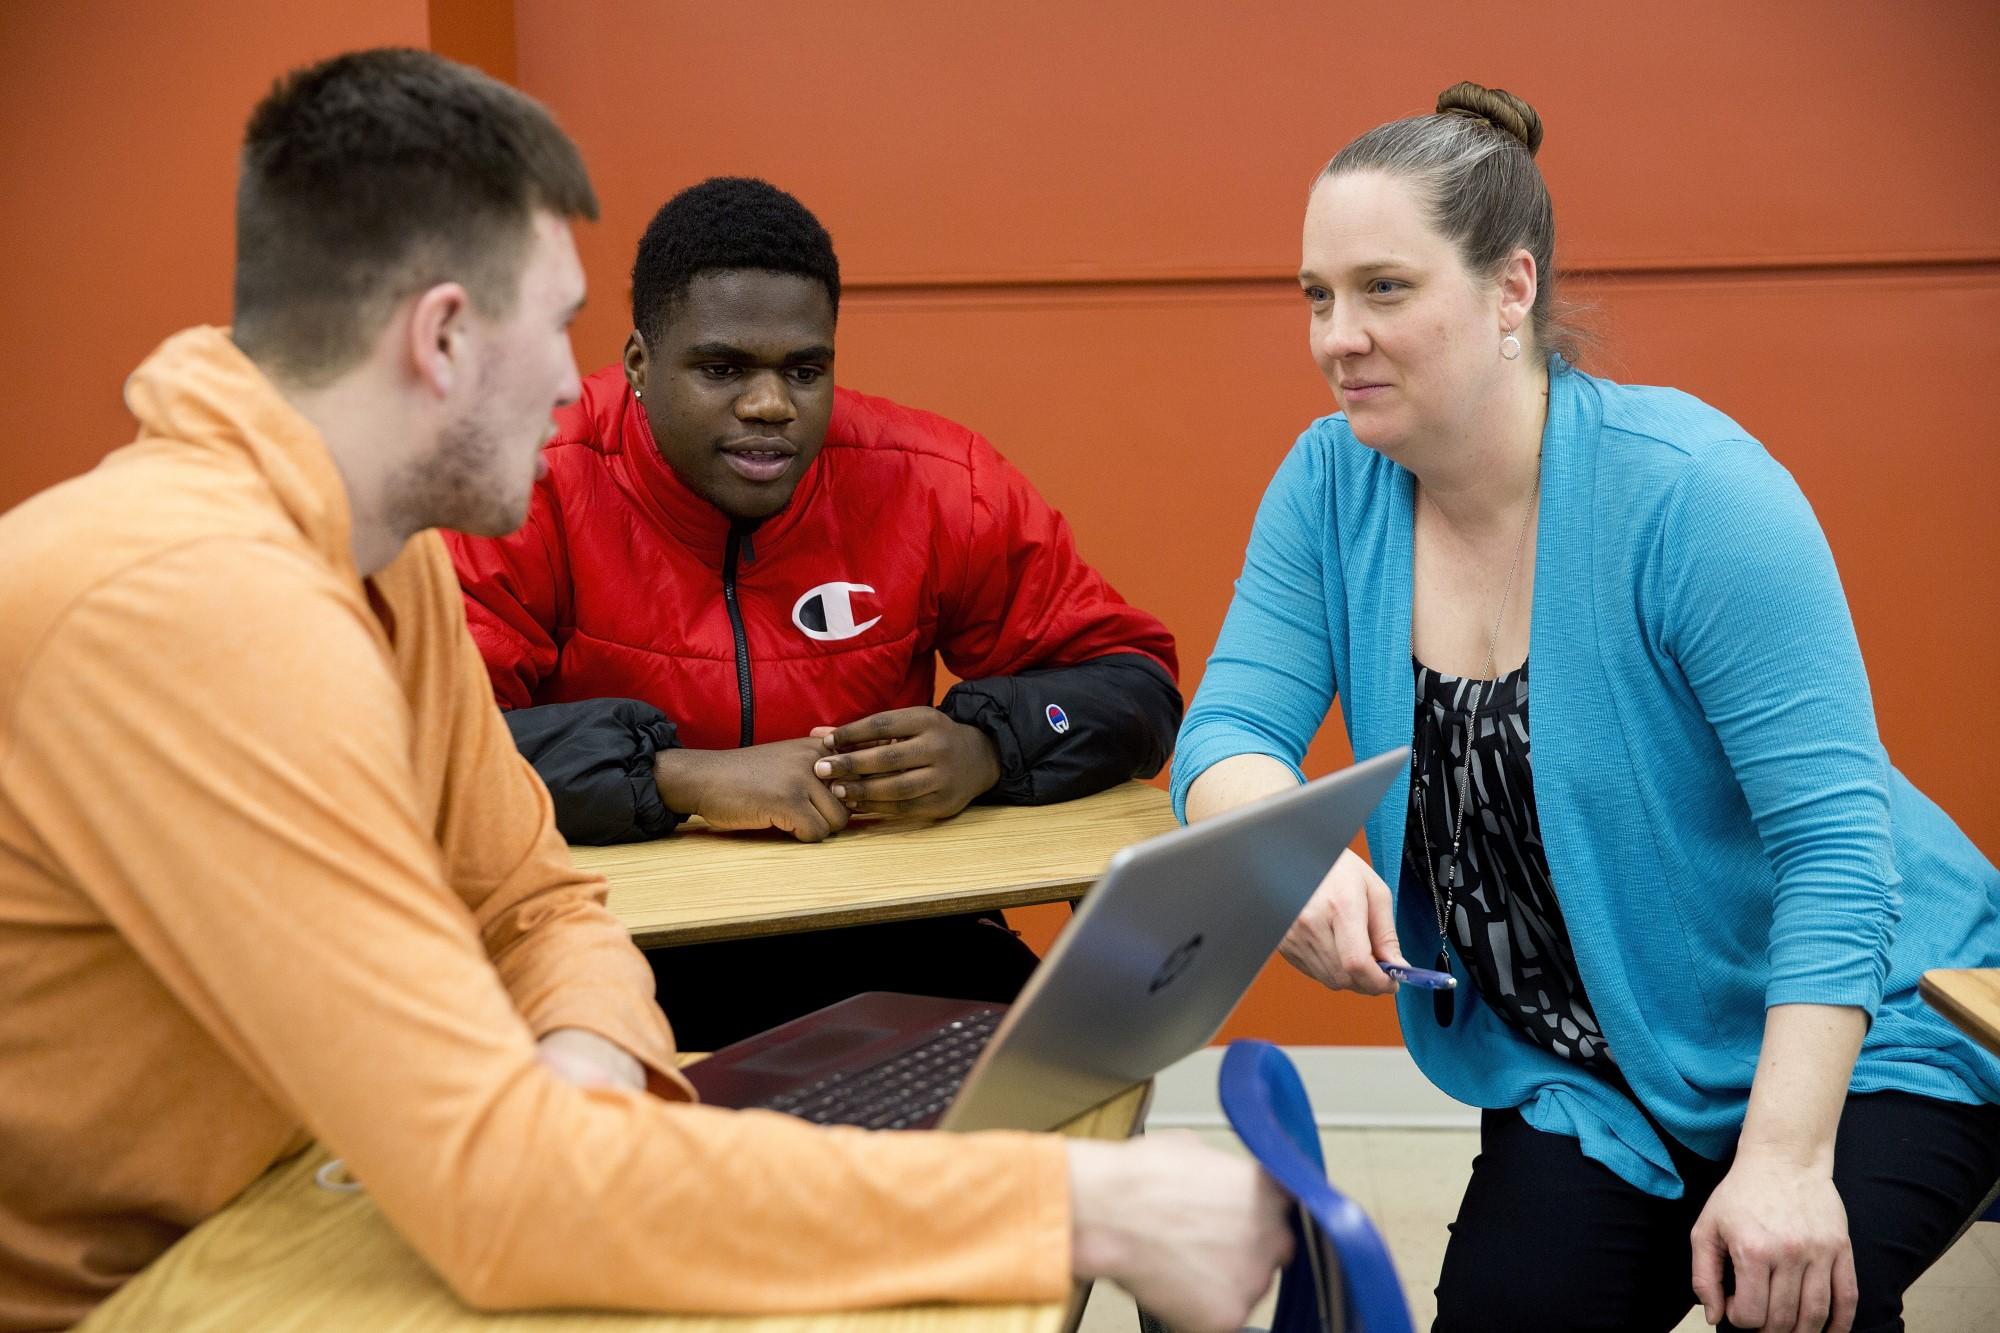 Clarke University Students learning in class.